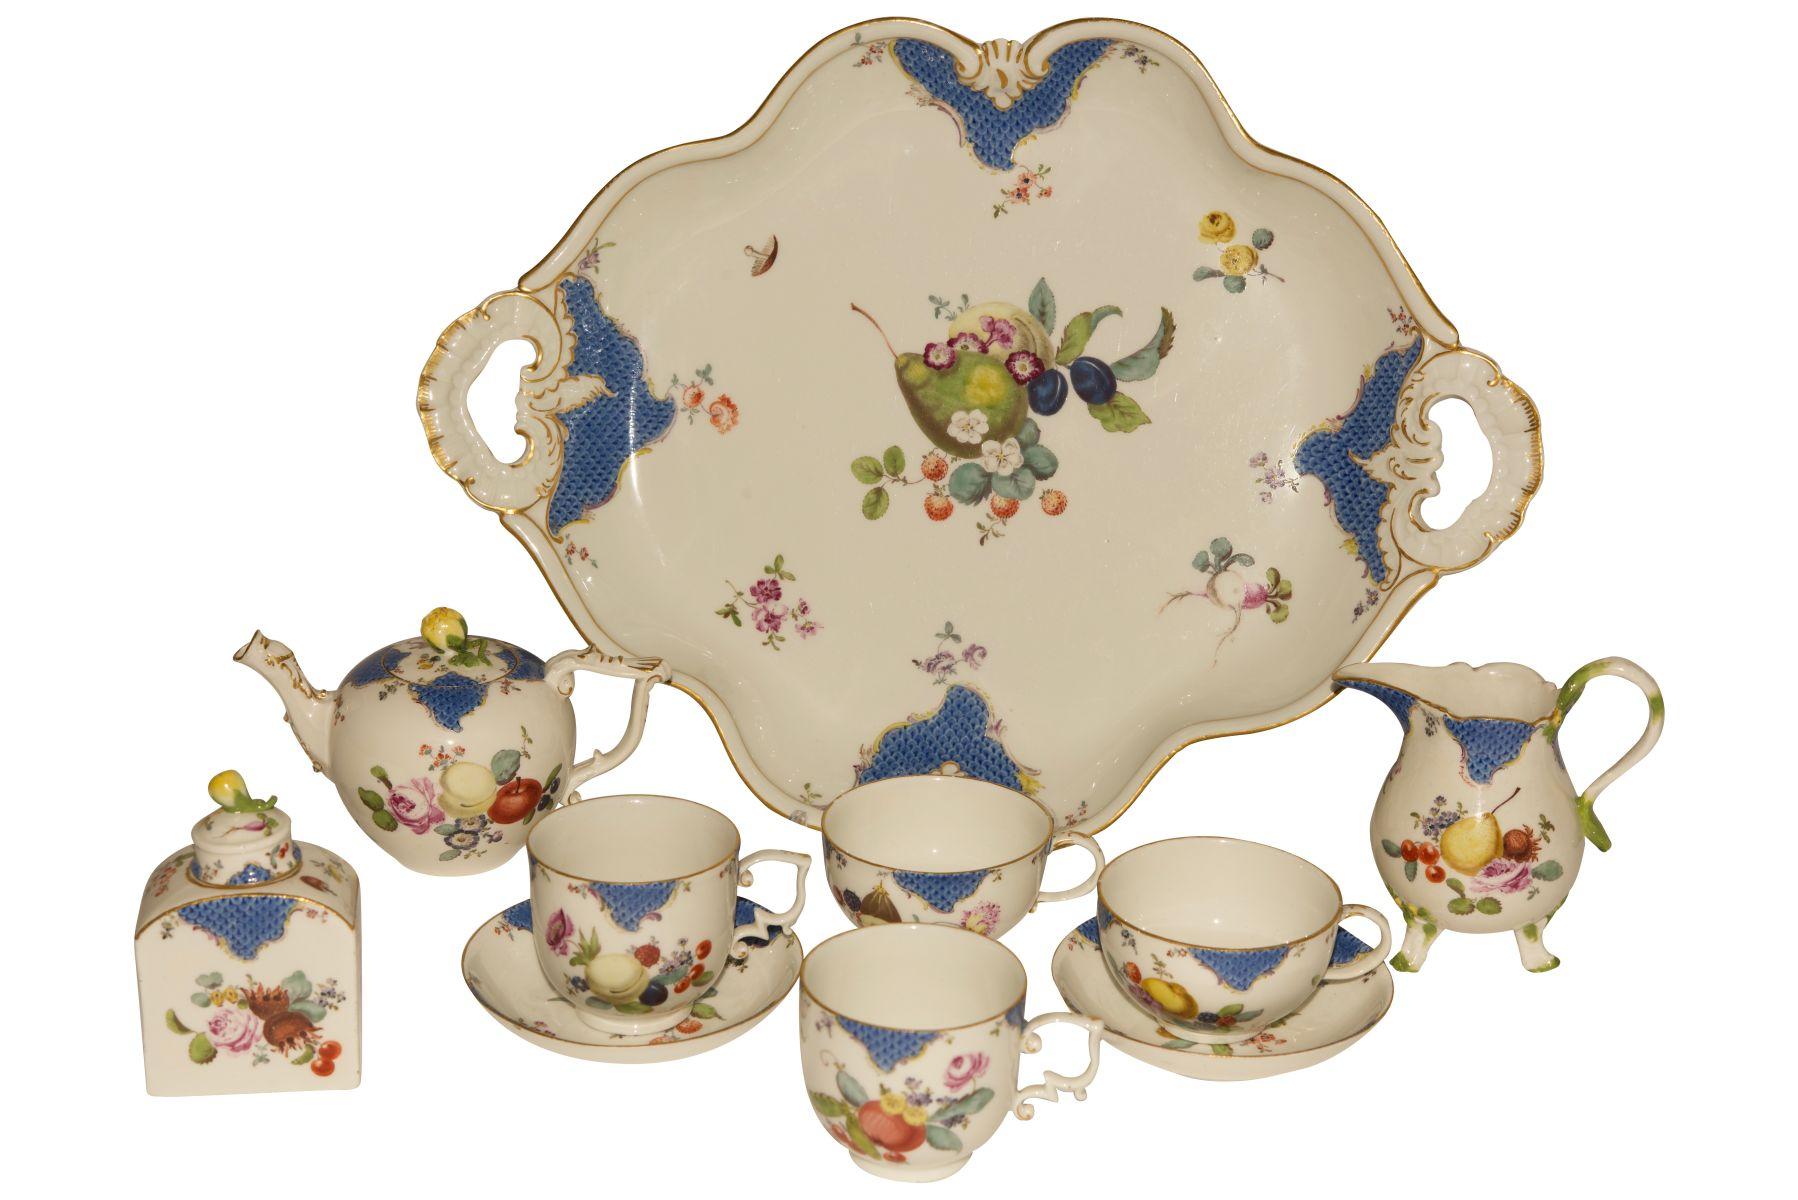 #103 Tête á Tête, Meissen 1750  Image